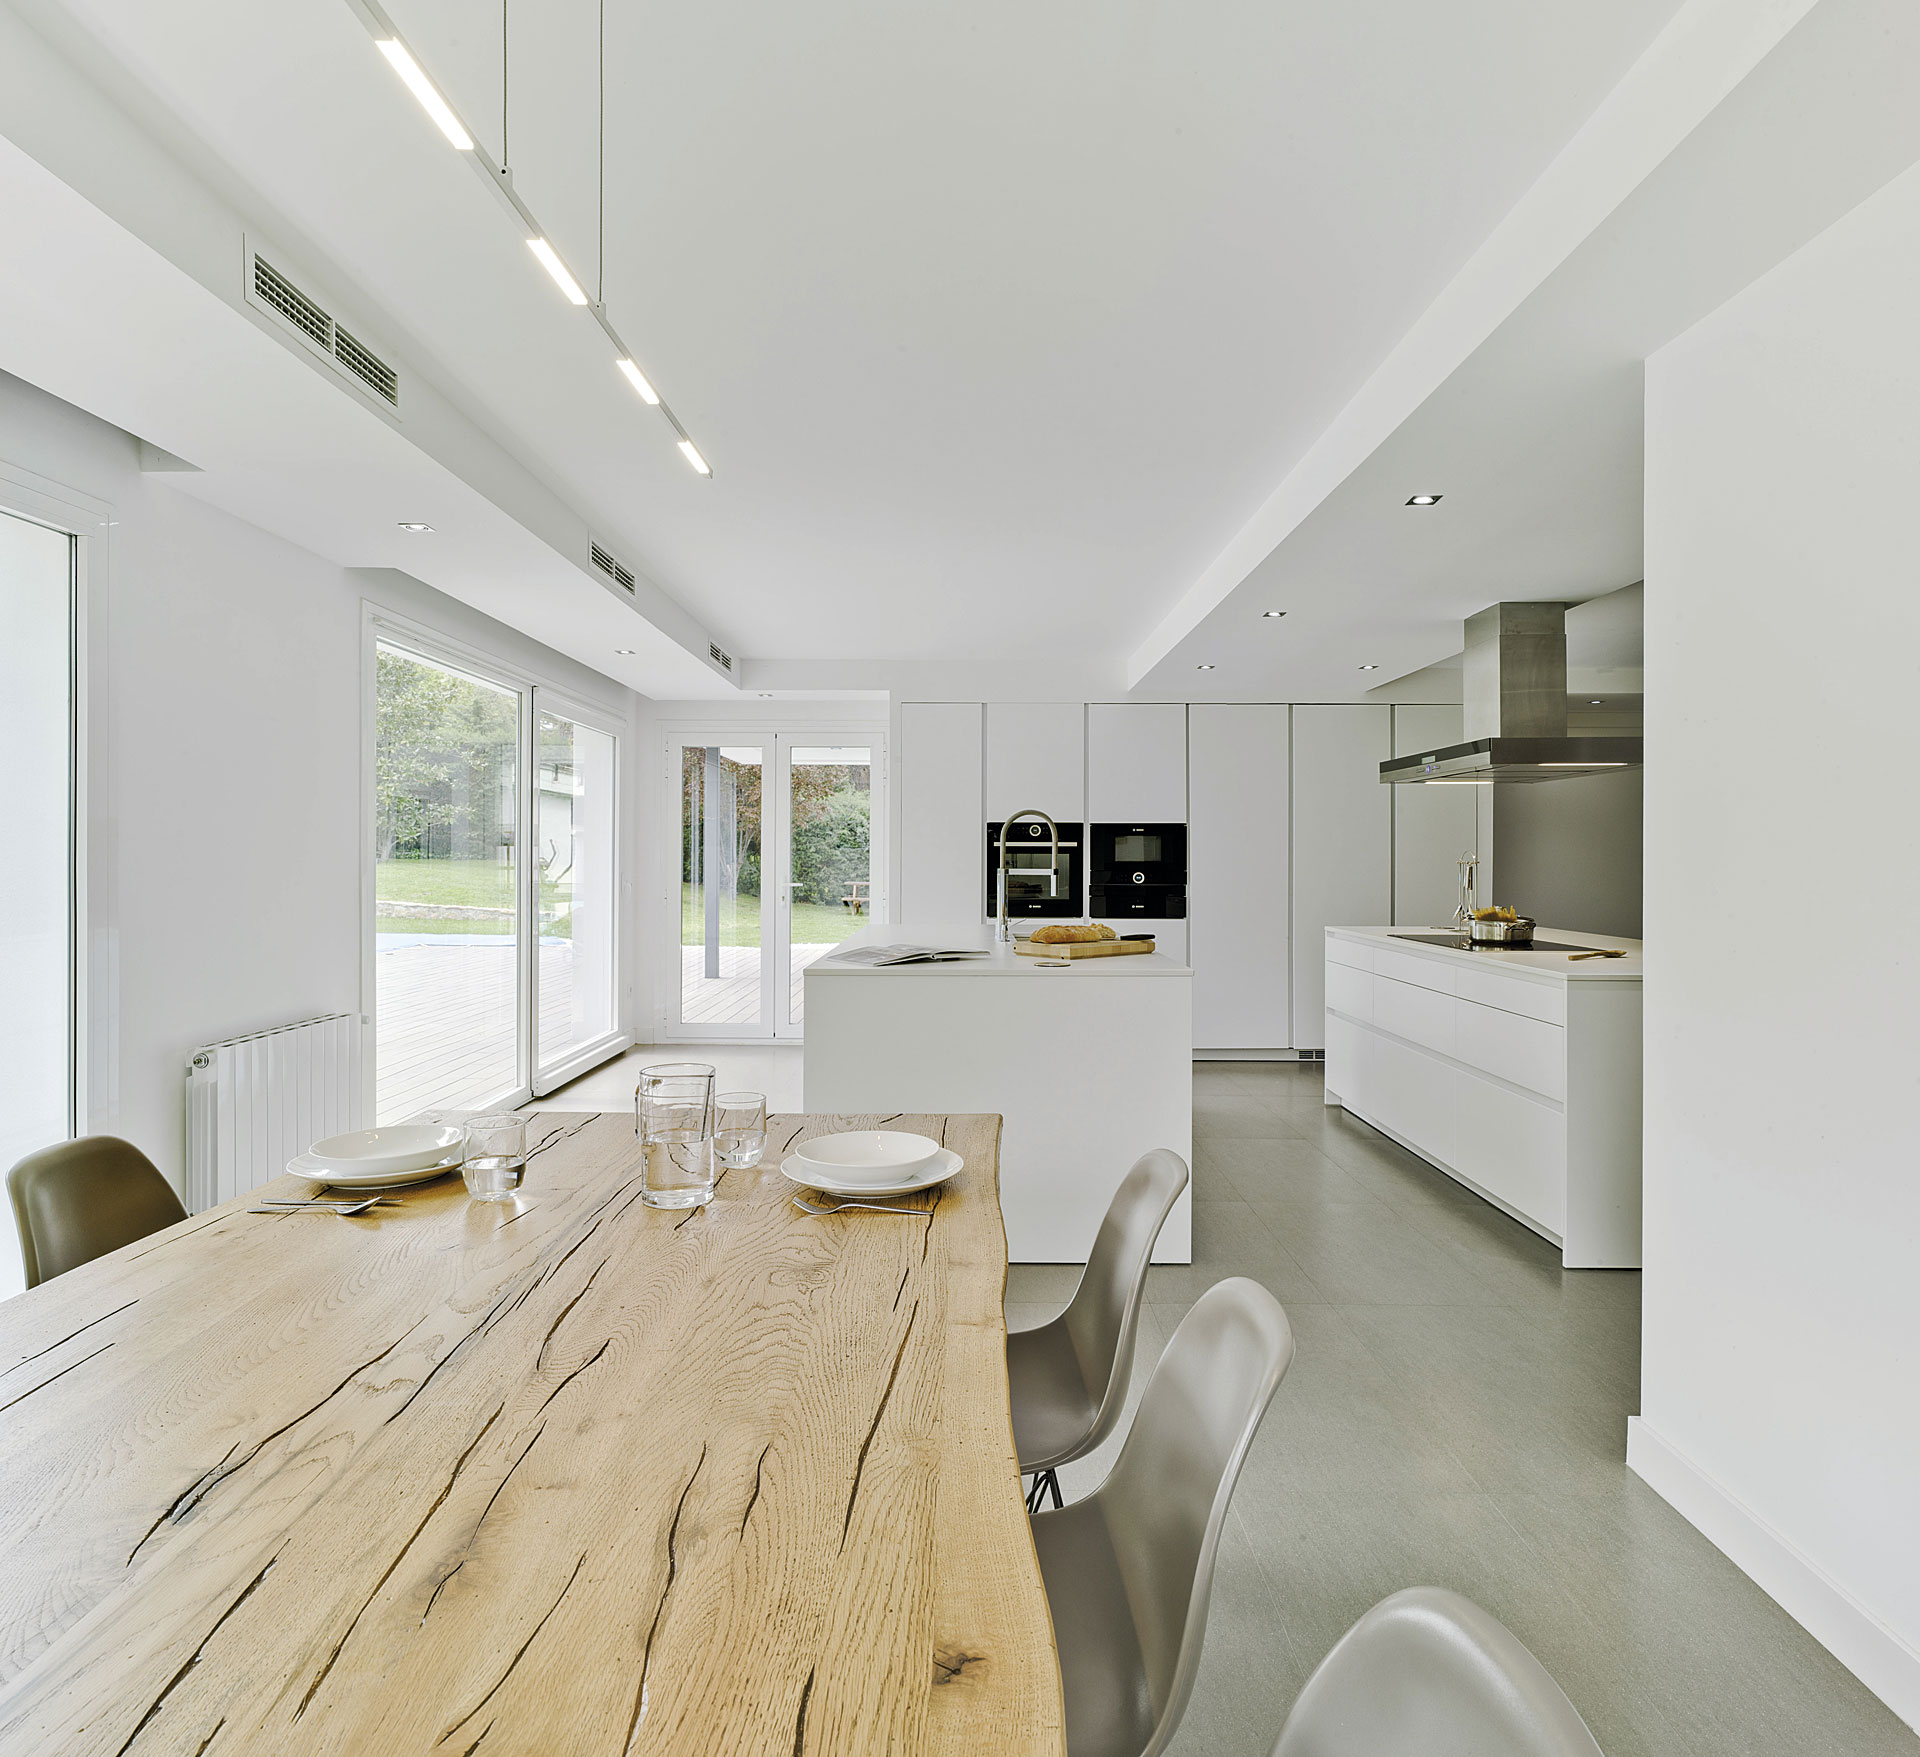 Cocina y comedor en un espacio nico por docrys cocinas - Cocinas de diseno con isla ...